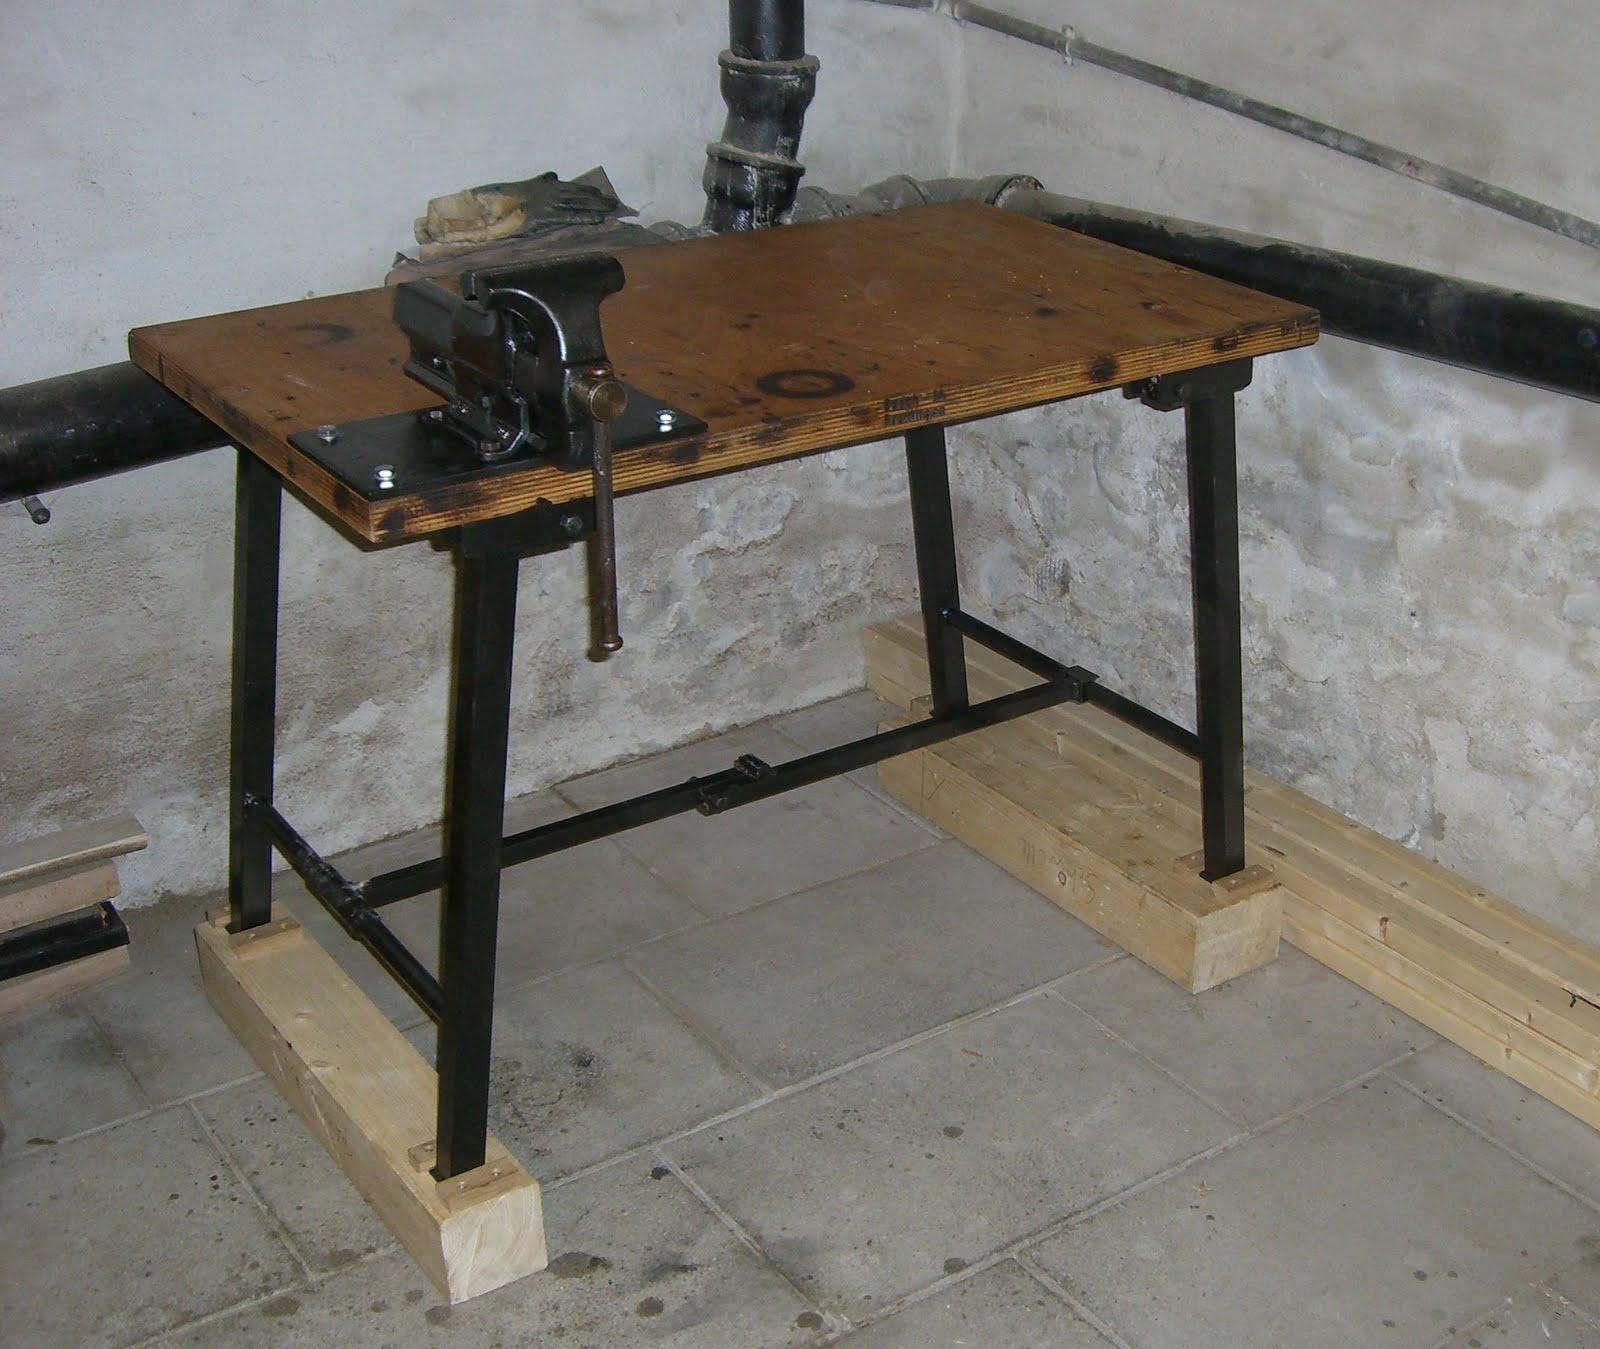 holzprojekte restaurierung einer alten werkbank. Black Bedroom Furniture Sets. Home Design Ideas